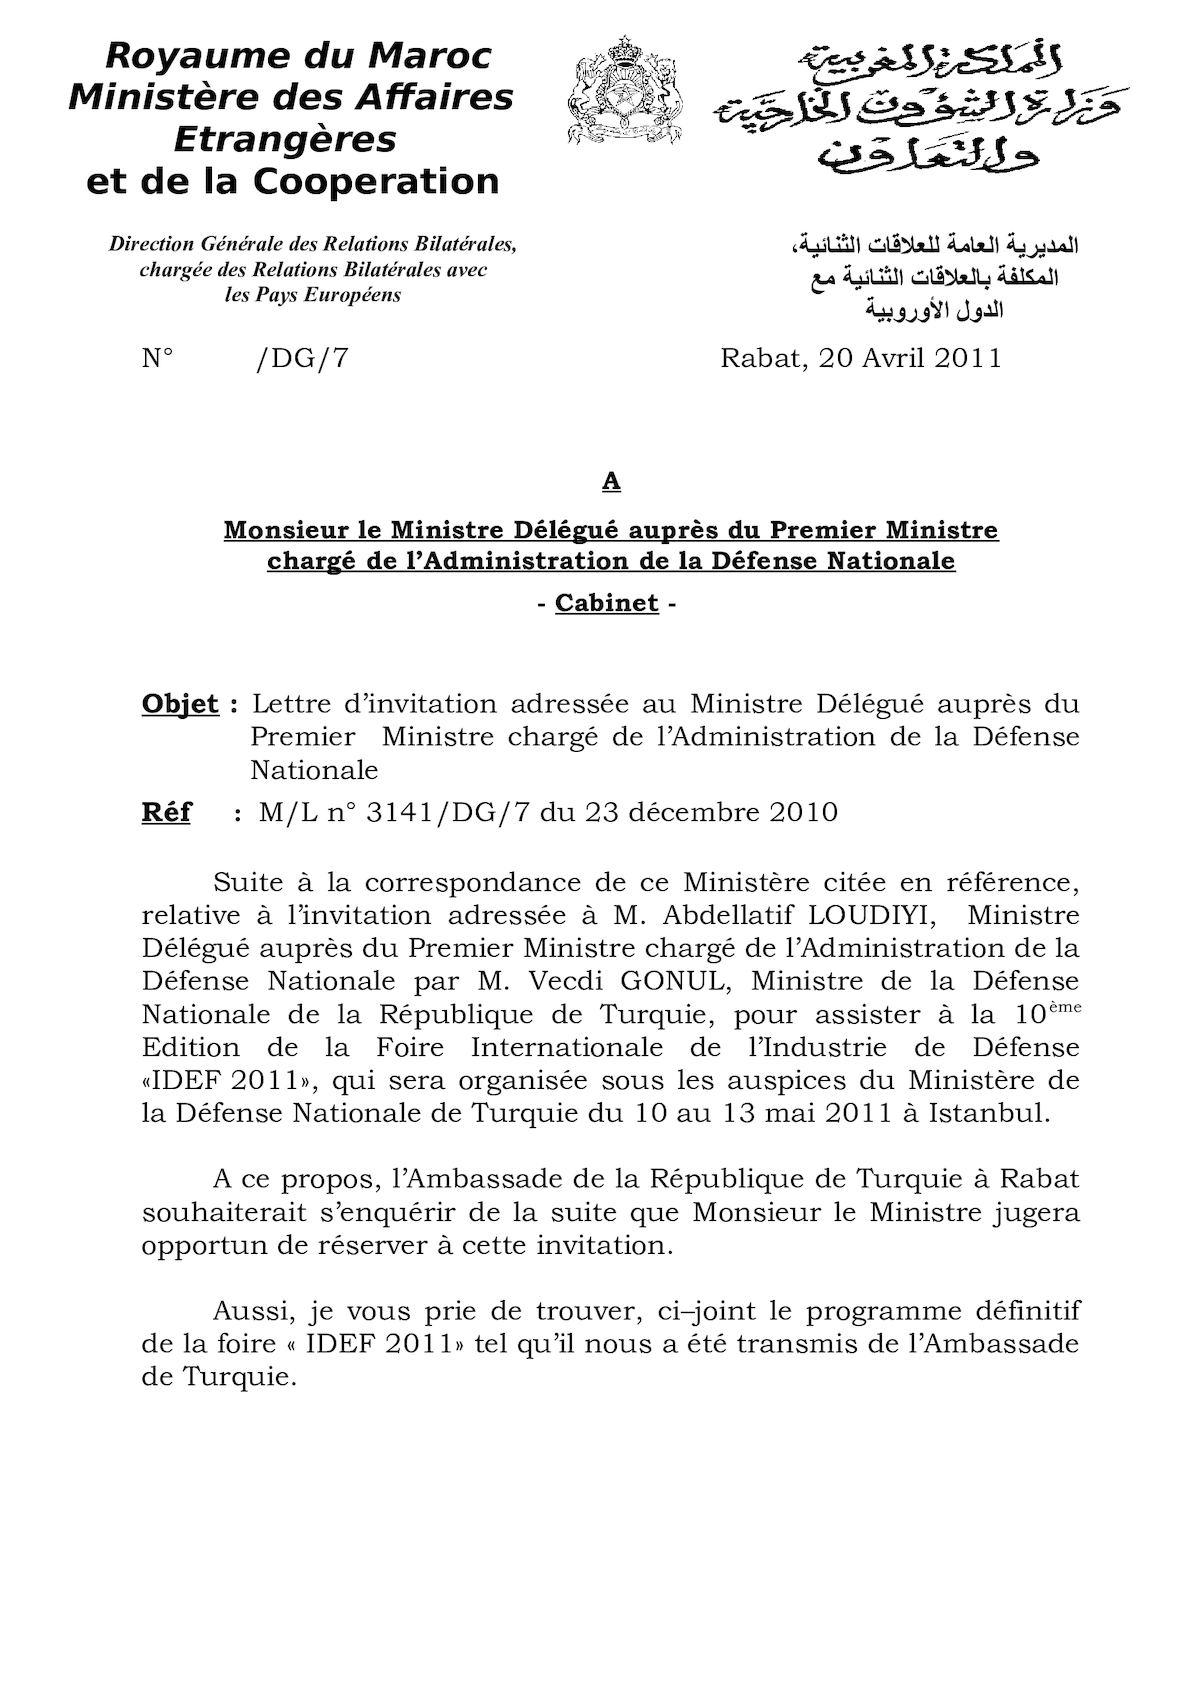 Min Dél Déf Lettre D'invitation Oudiyi 2